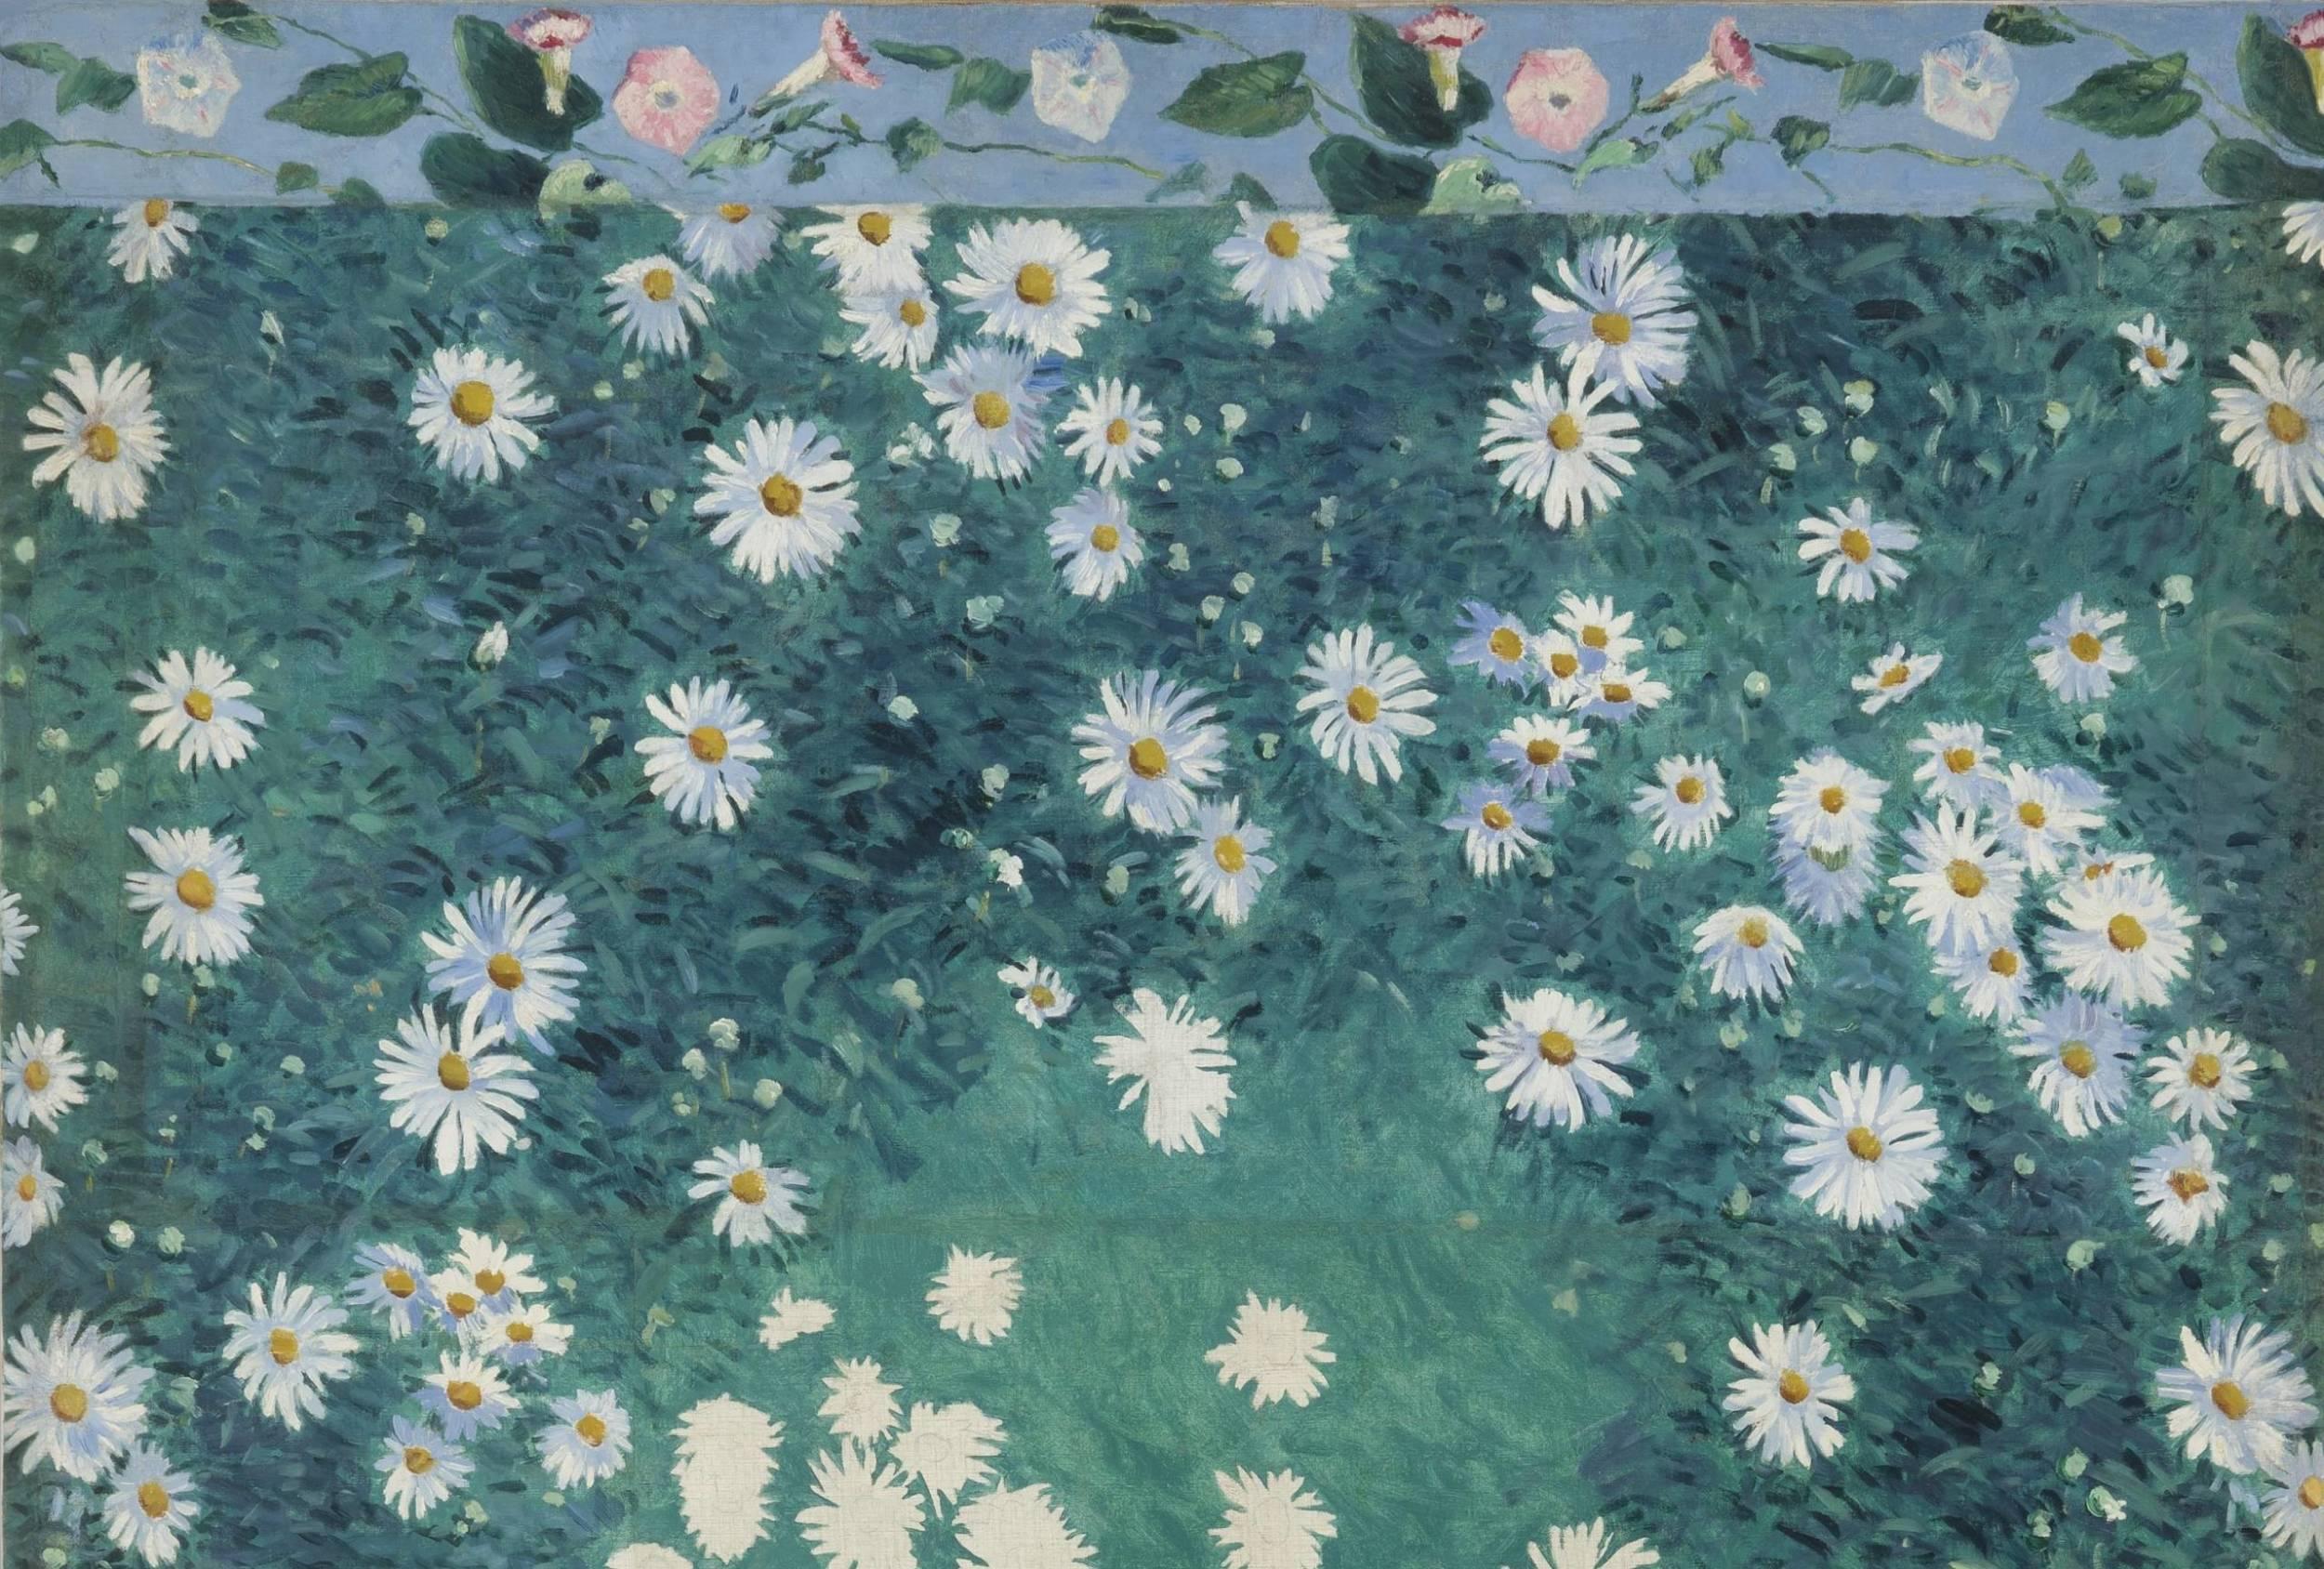 Gustave Caillebotte, Parterre de Marguerites